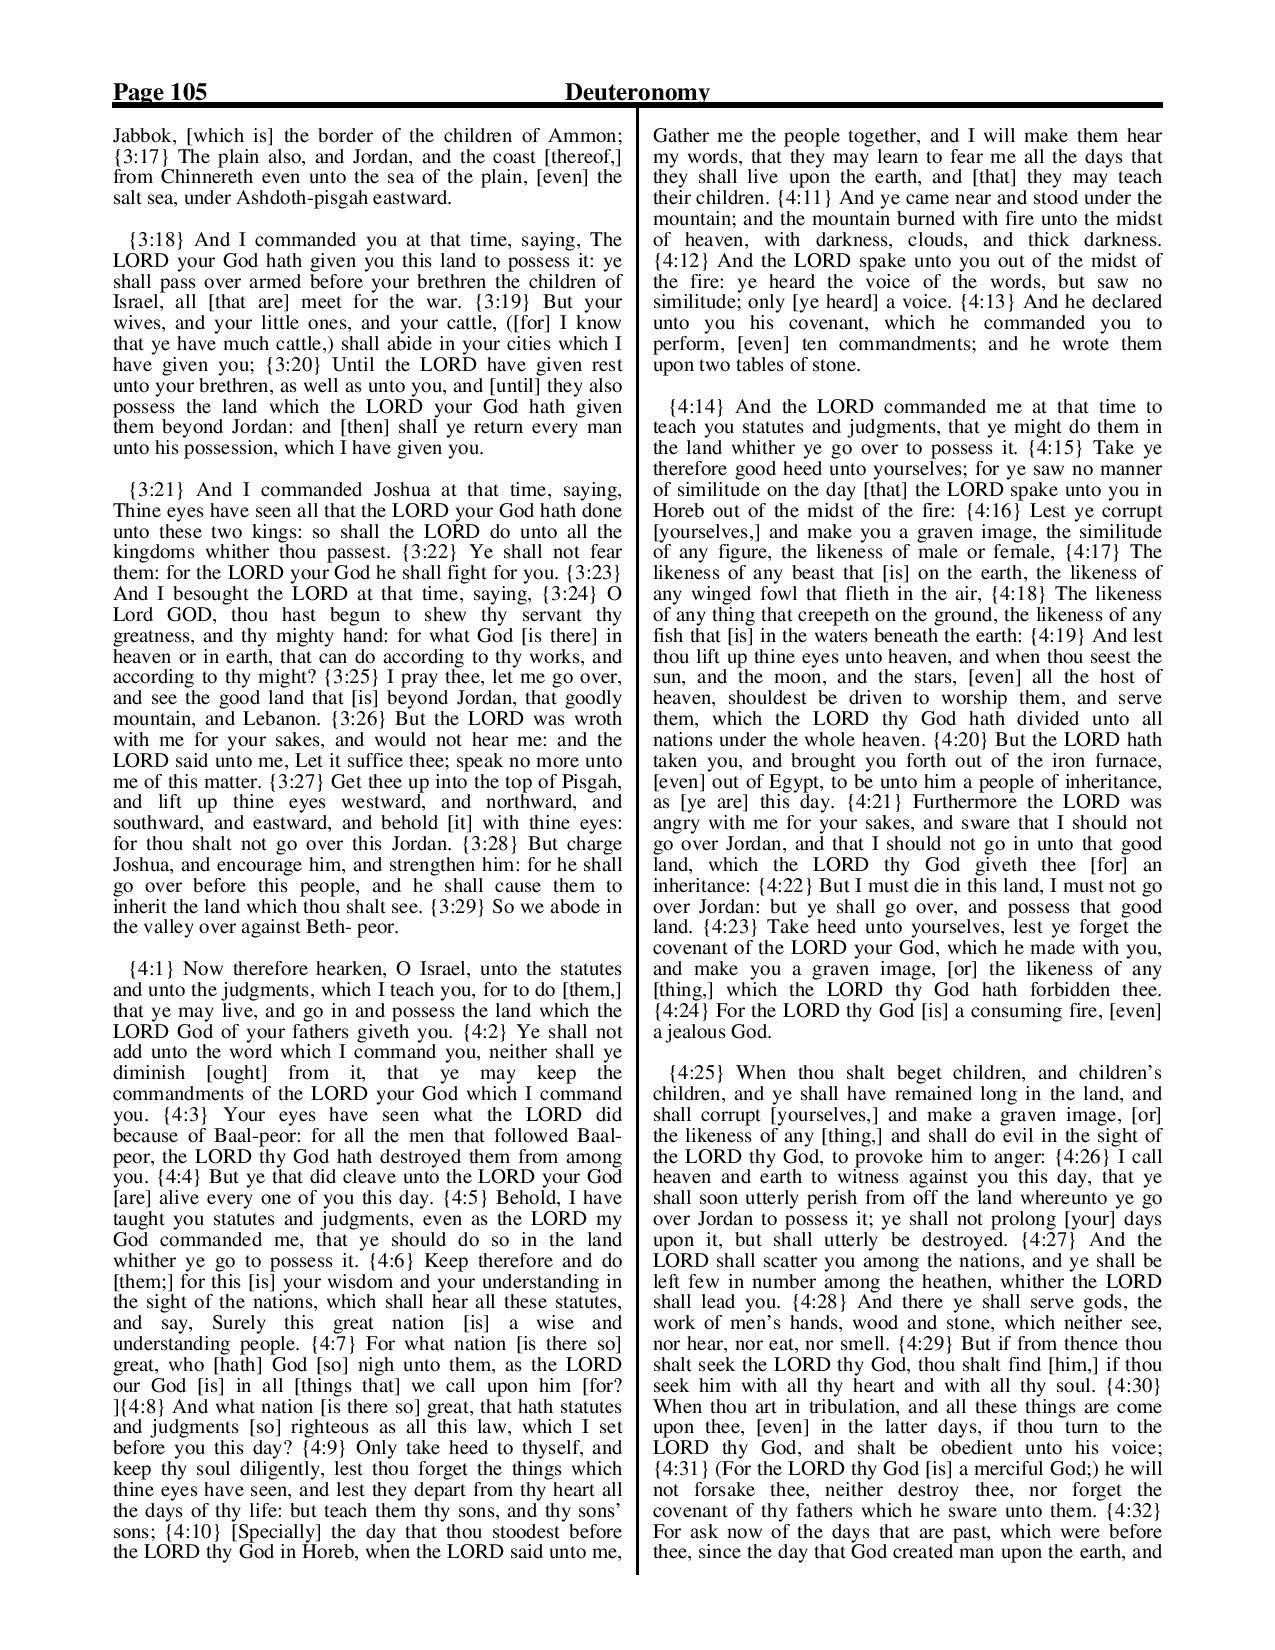 King-James-Bible-KJV-Bible-PDF-page-126